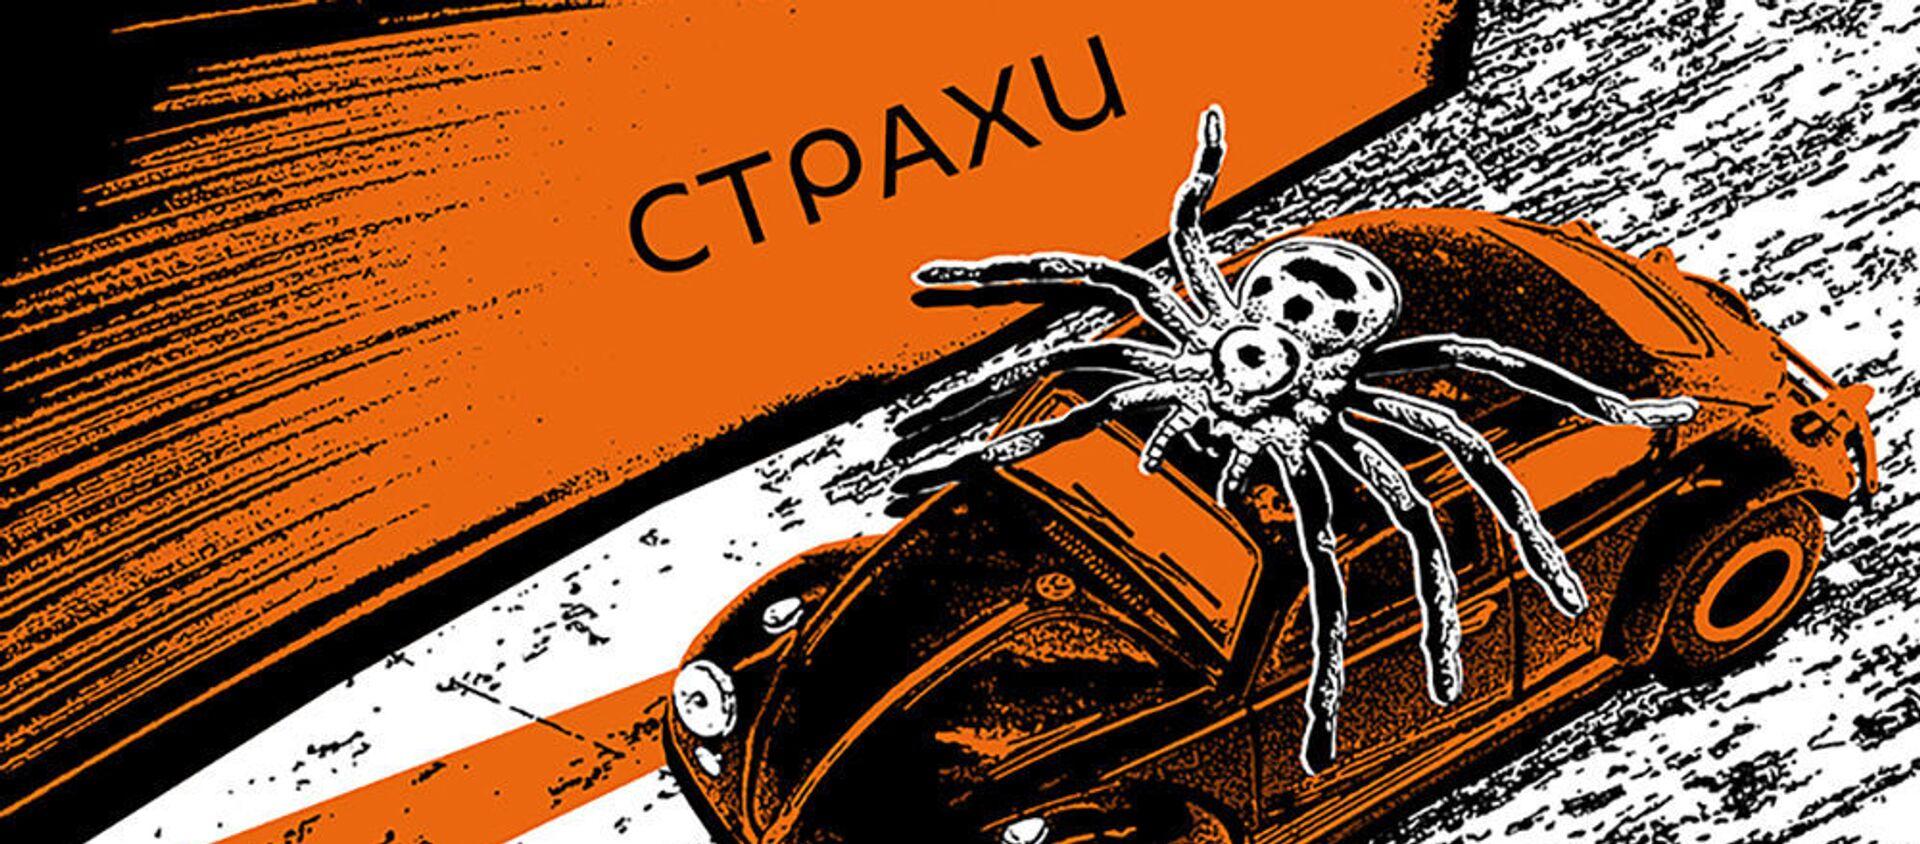 Страхи - Sputnik Азербайджан, 1920, 31.01.2021